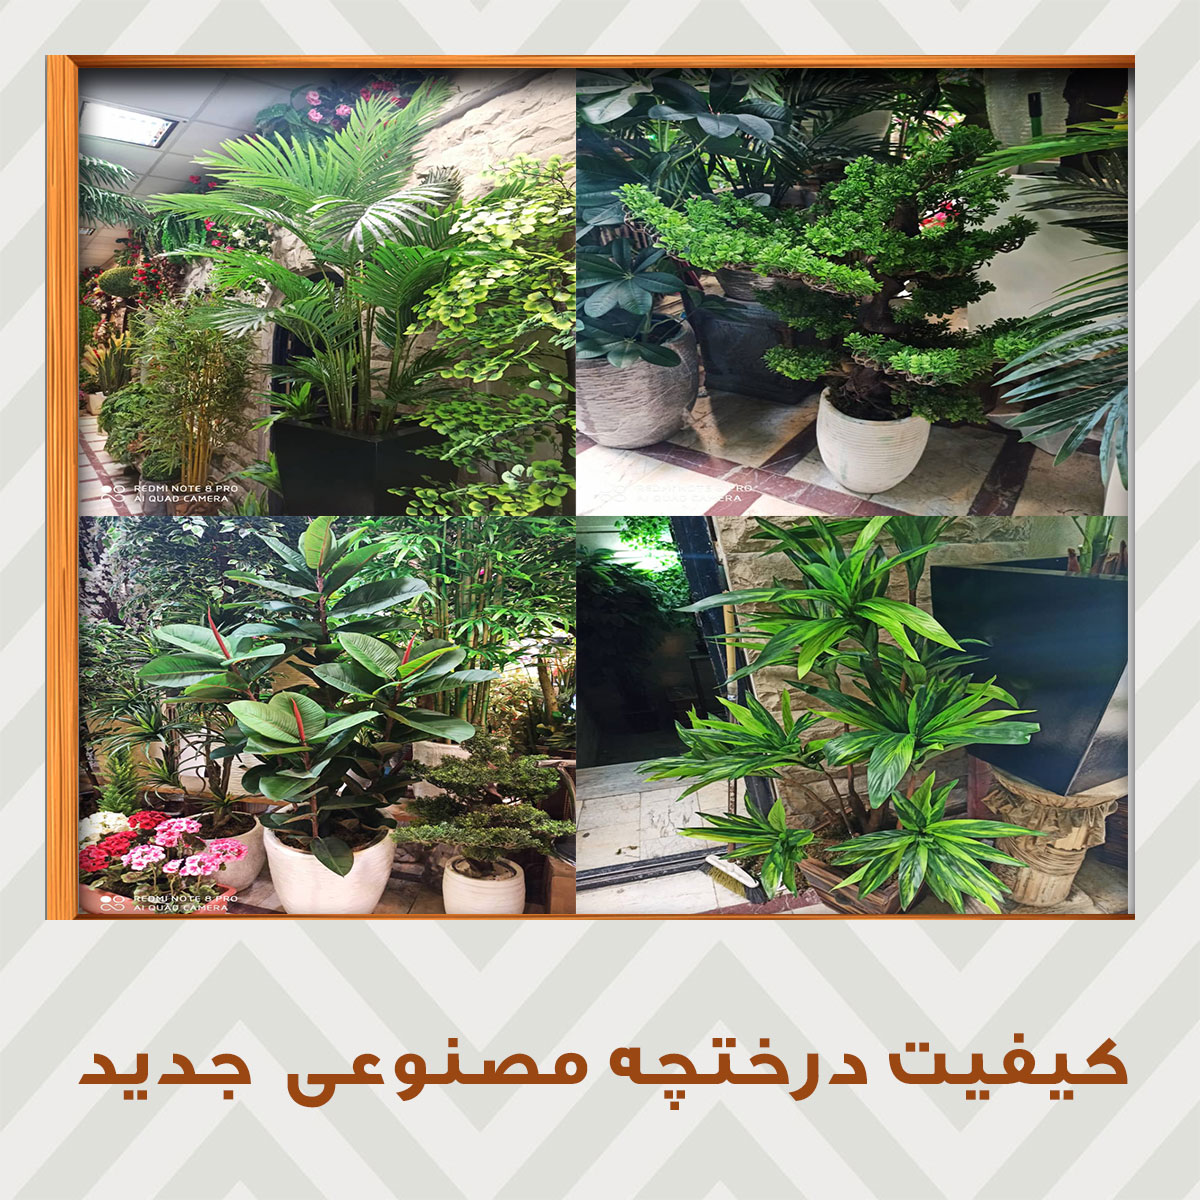 کیفیت درختچه مصنوعی جدید در فروشگاه اینترنتی شرکت تعاونی زنجیره تامین بهشت